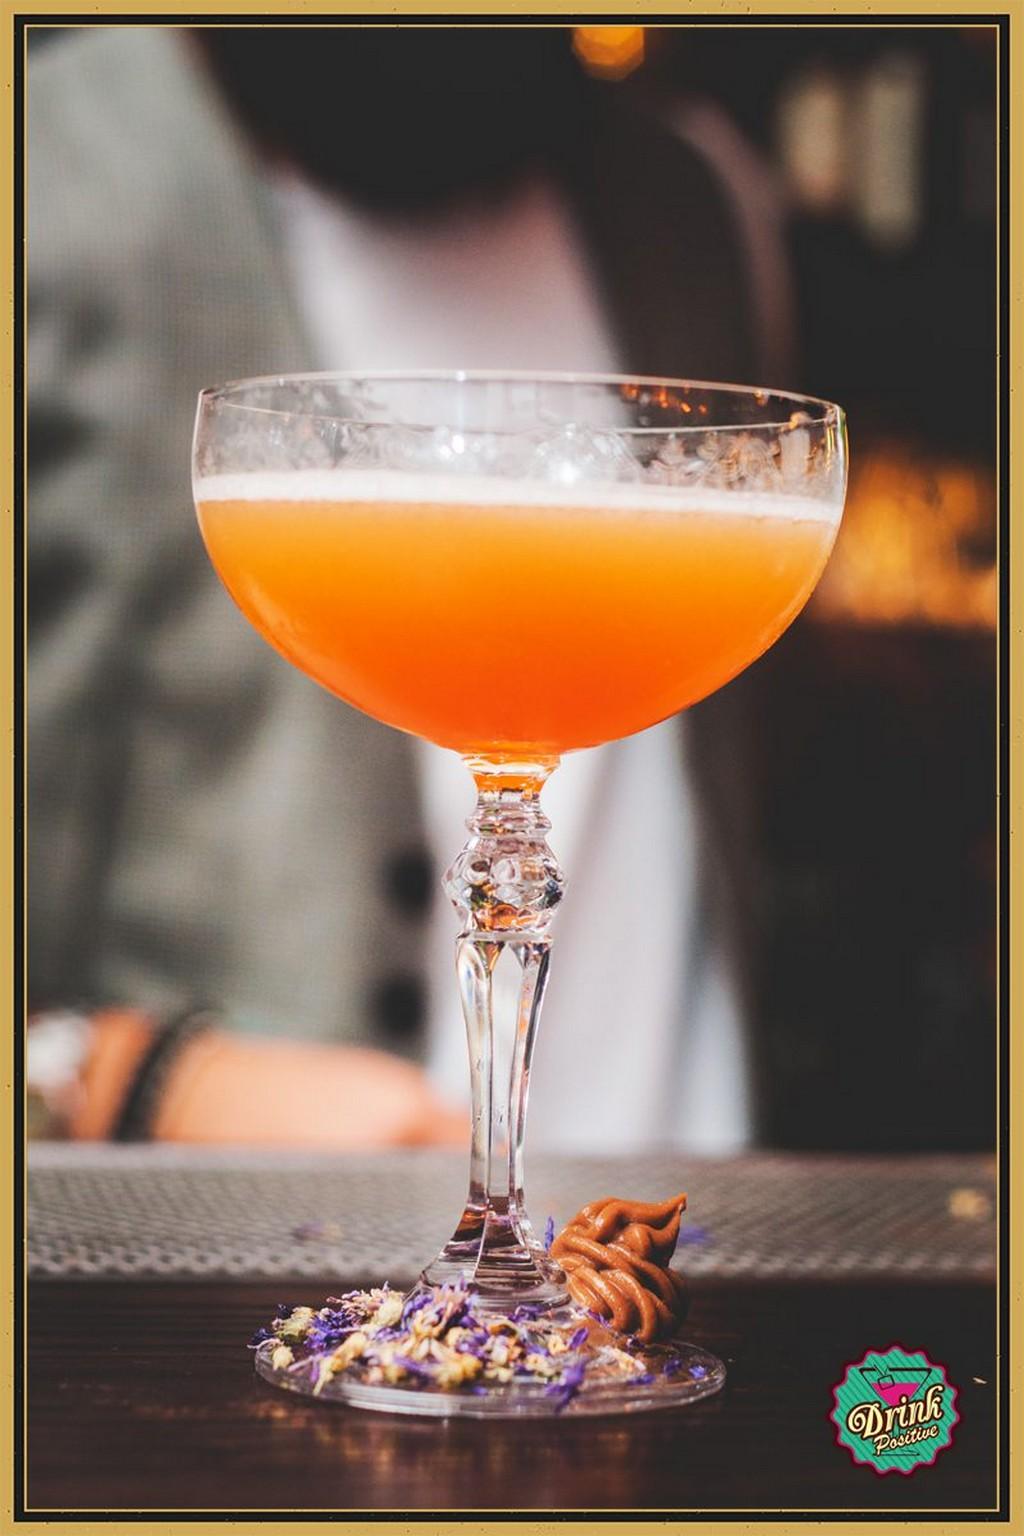 fabio_camboni_Gaeta_Drink_Positive_consulenze__apertura_locali_corsi_barman_103